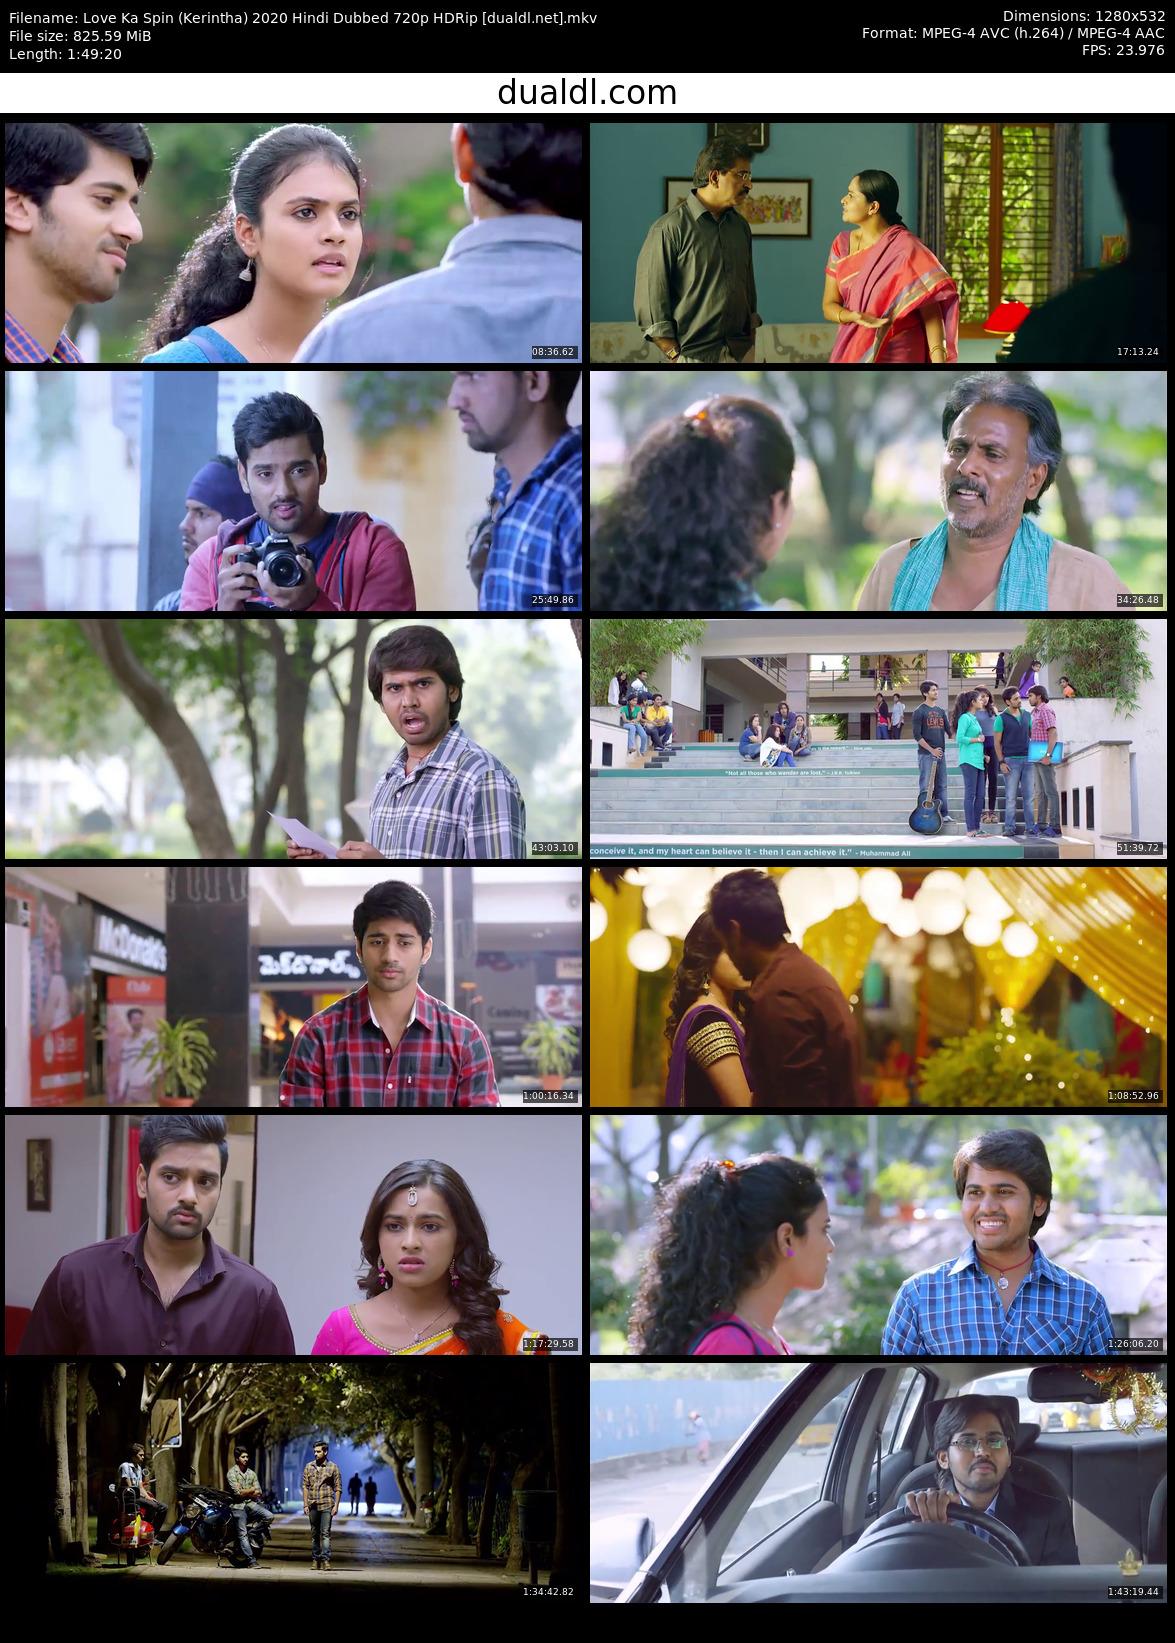 Love Ka Spin (Kerintha) 2020 Hindi Dubbed 720p HDRip Download